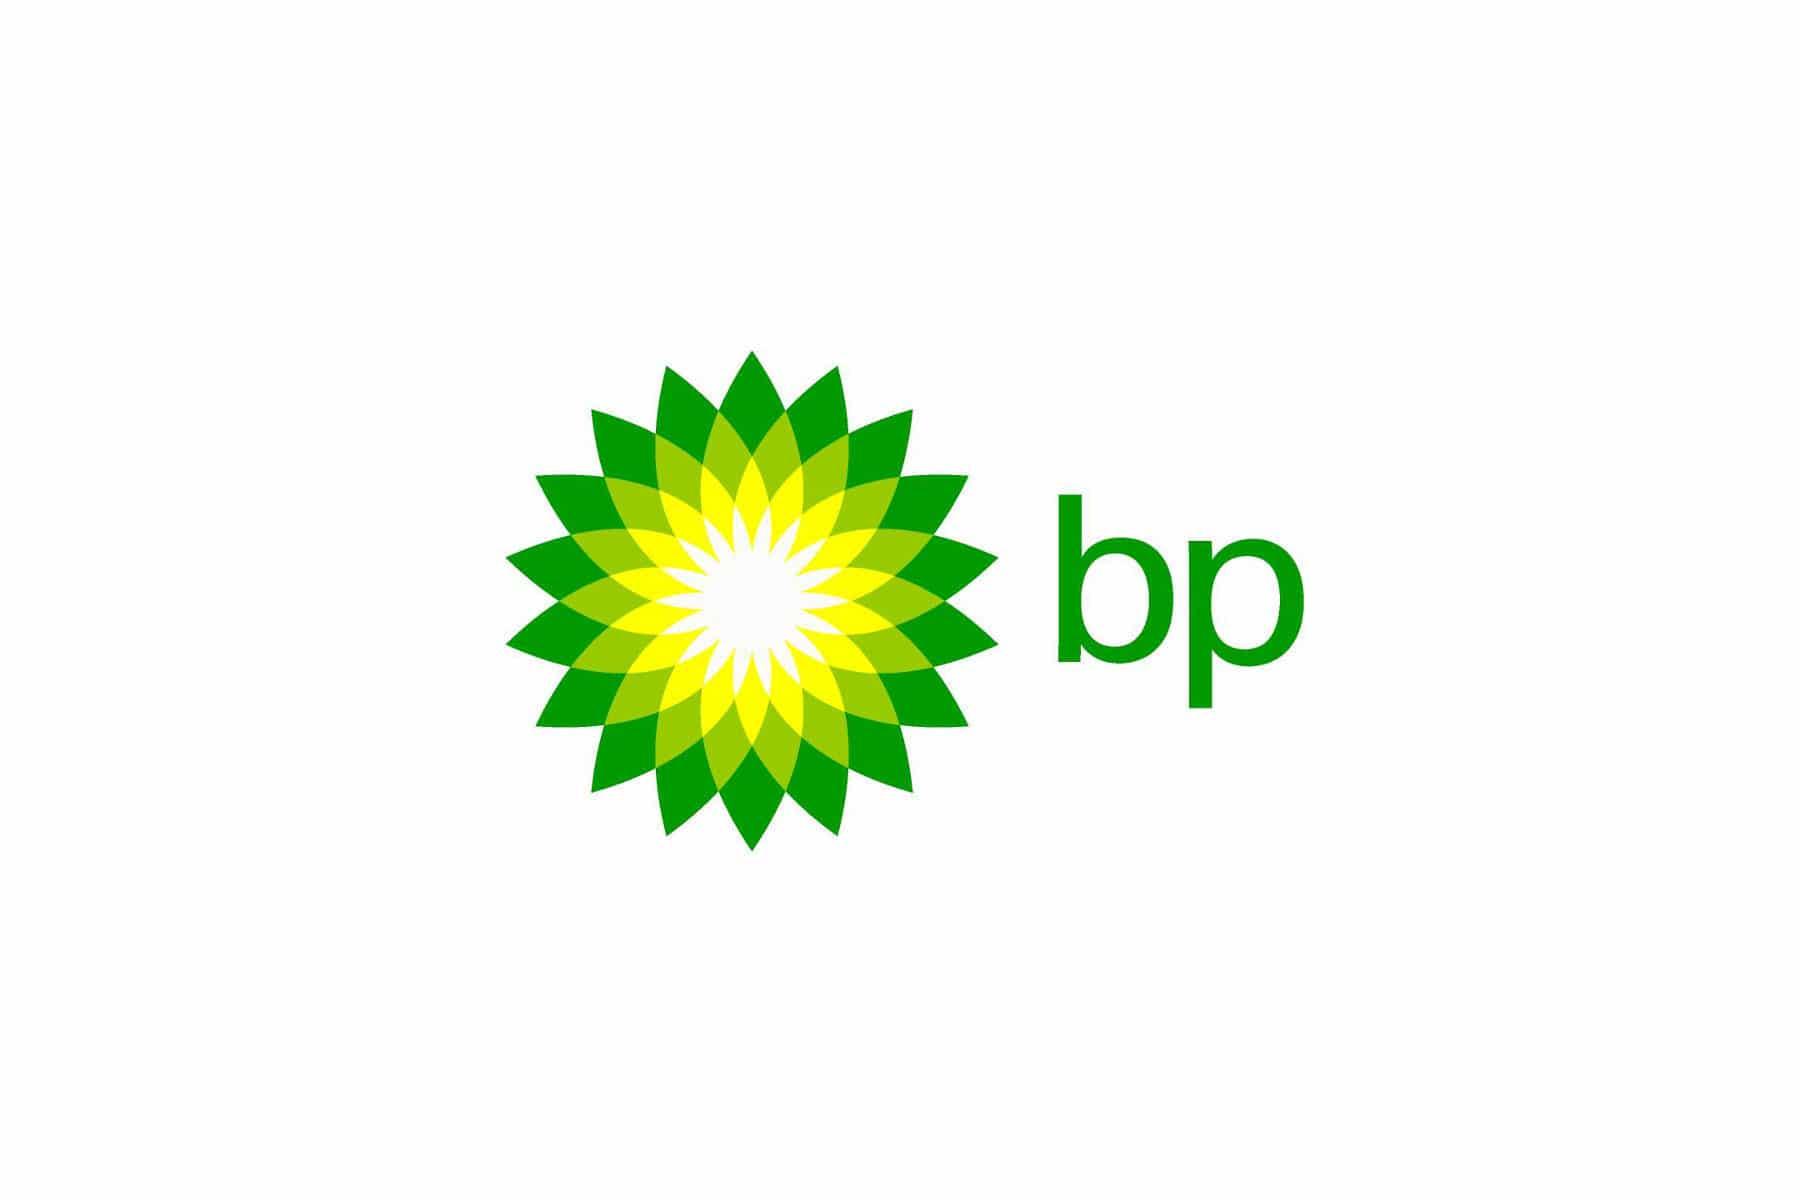 bp-logo-white-background-f5-e1499913620824.jpg